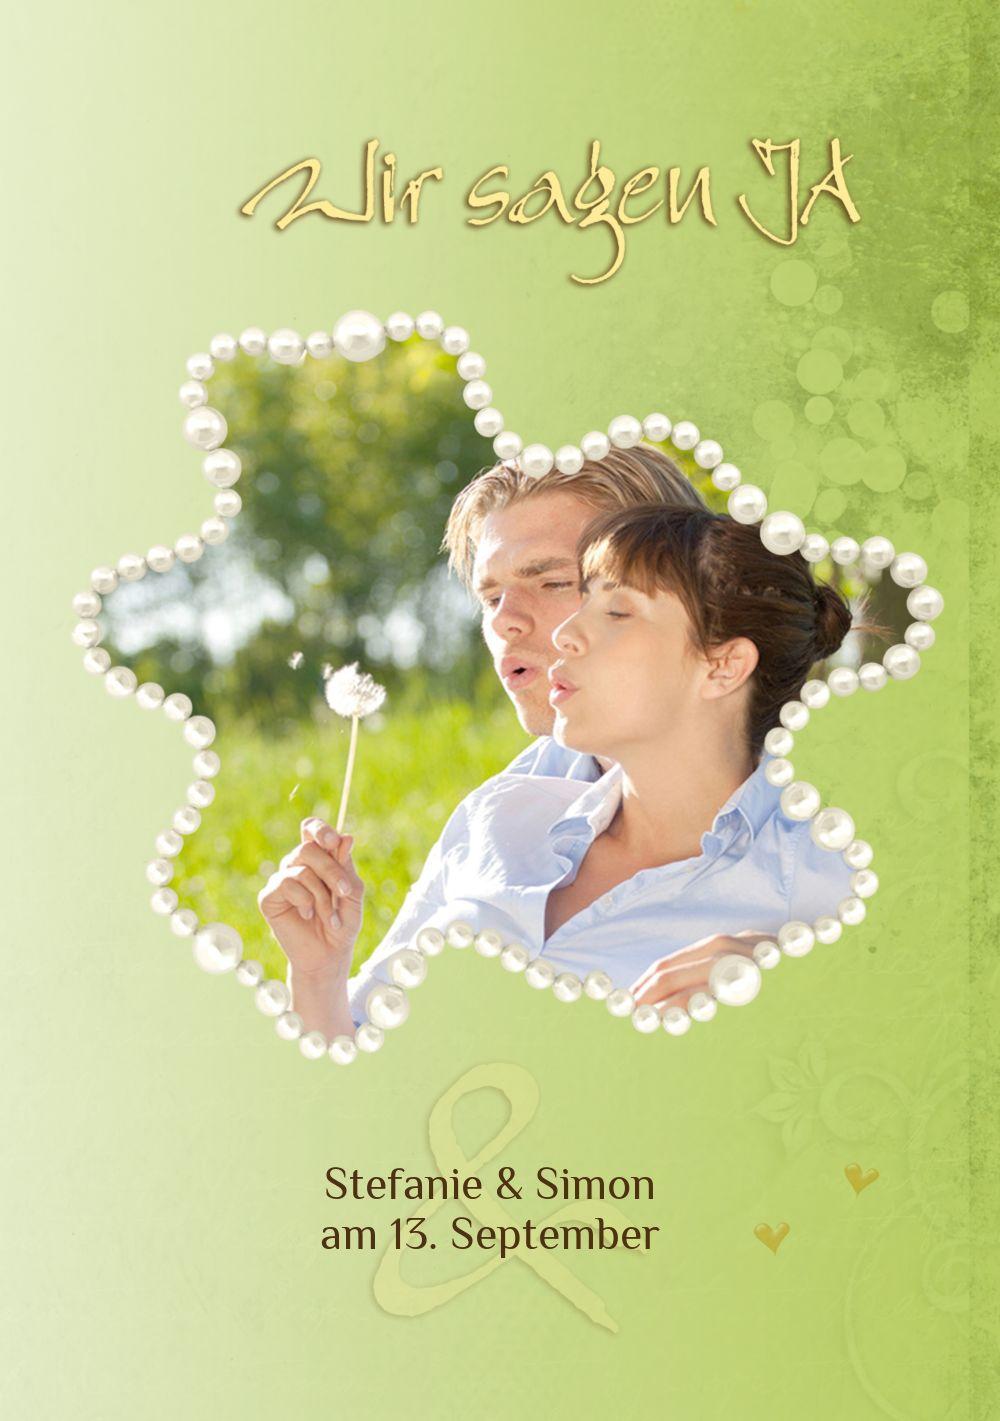 Ansicht 5 - Hochzeit Einladung Eheringe Perlen